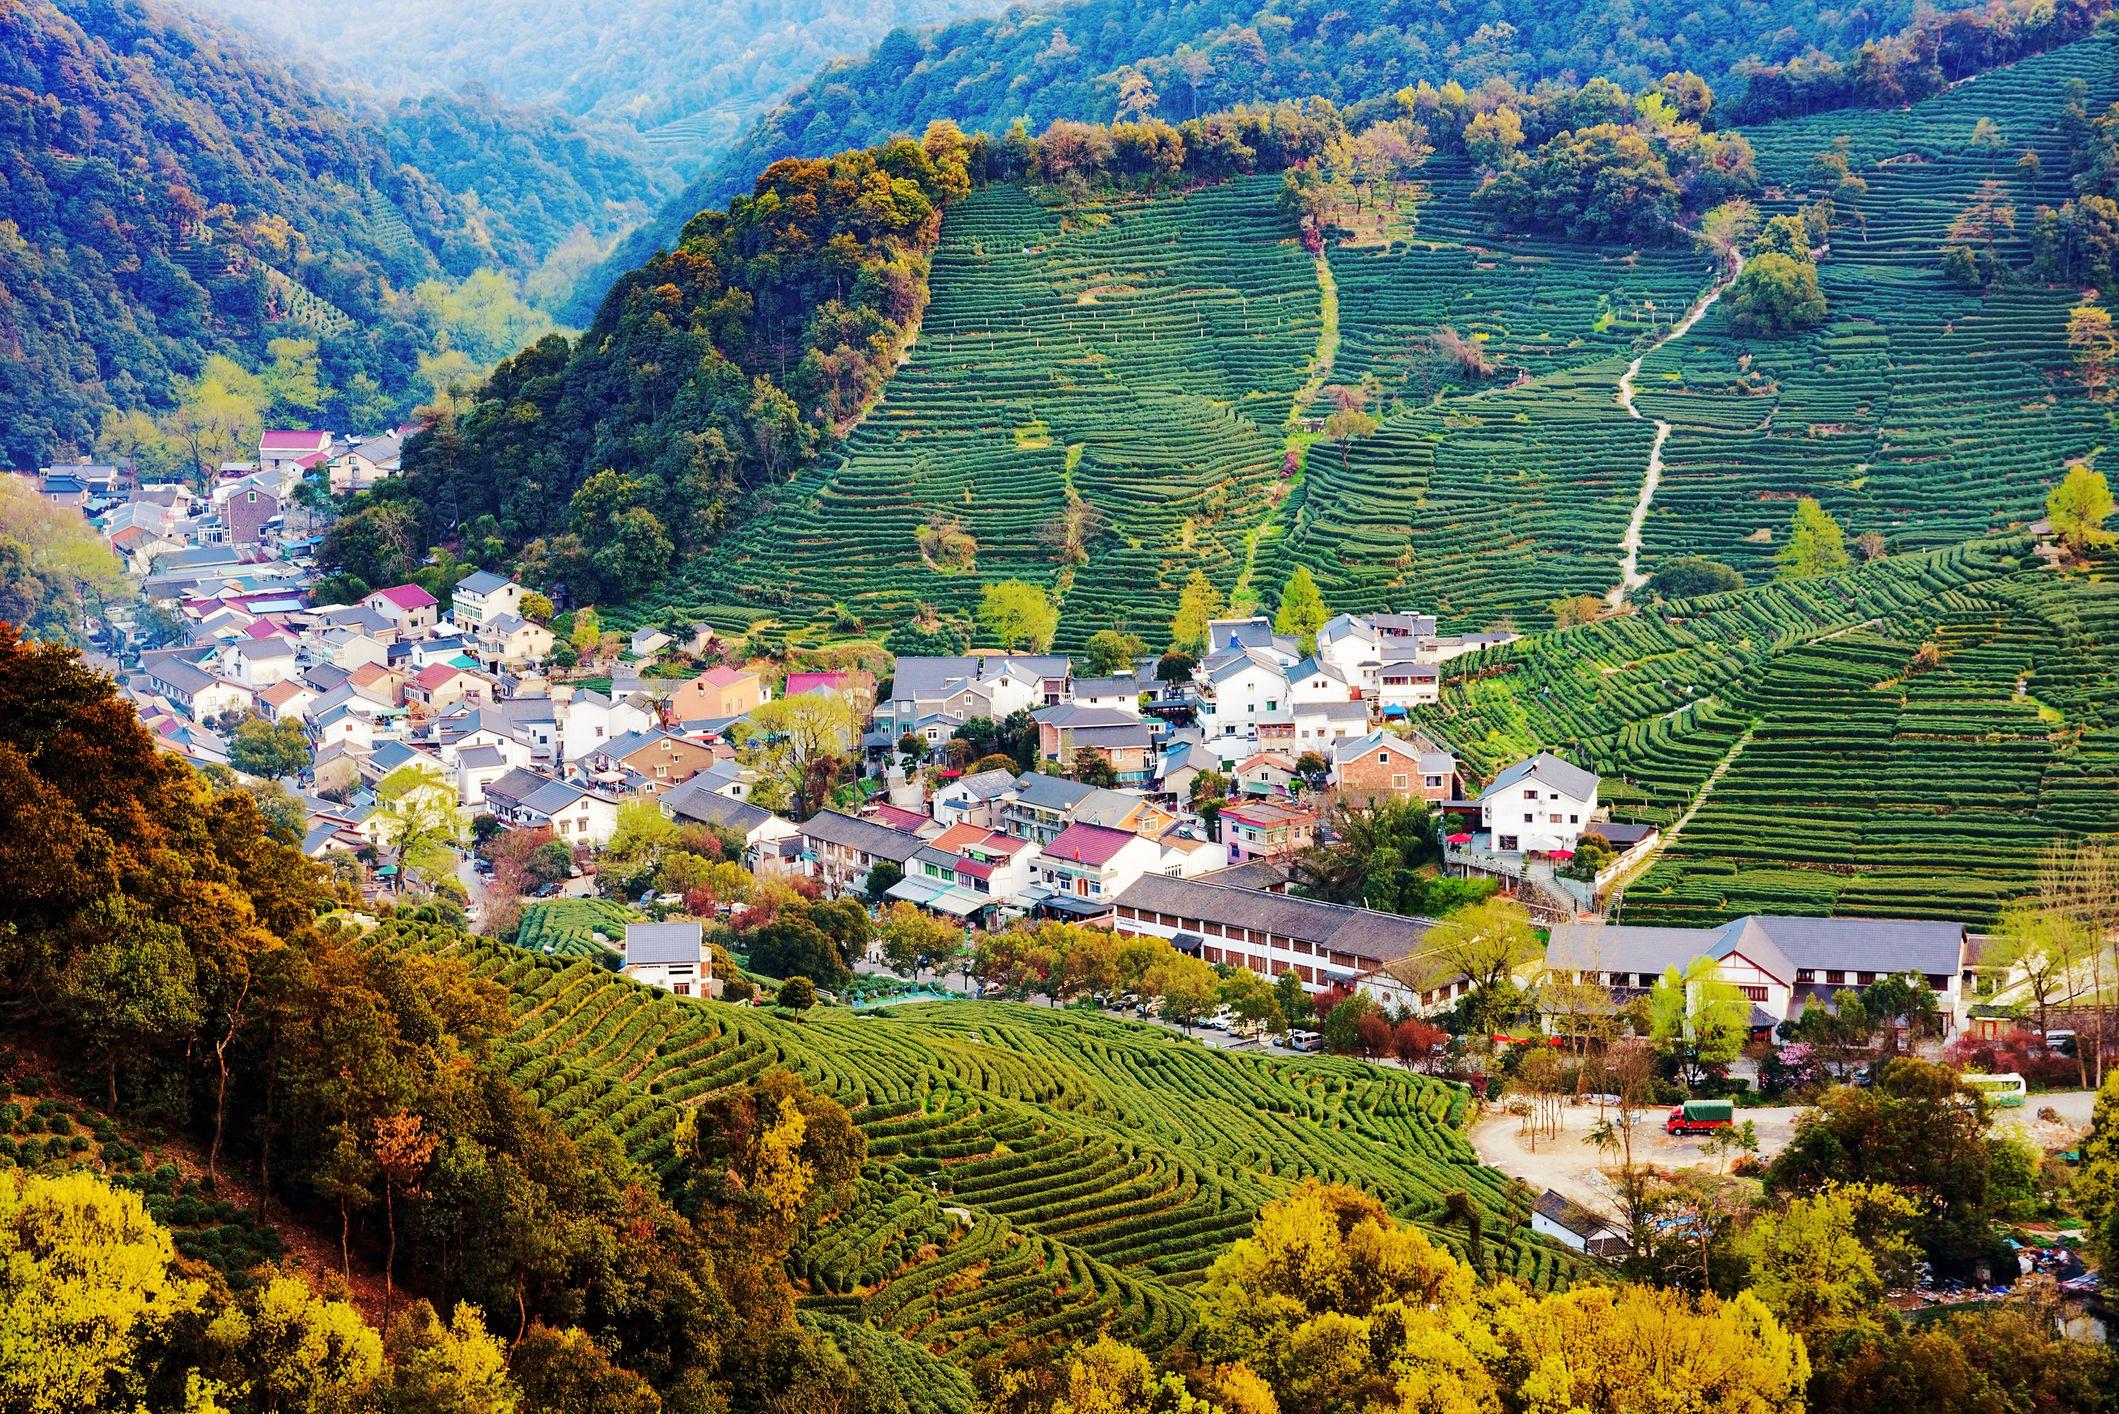 High view of Longjing